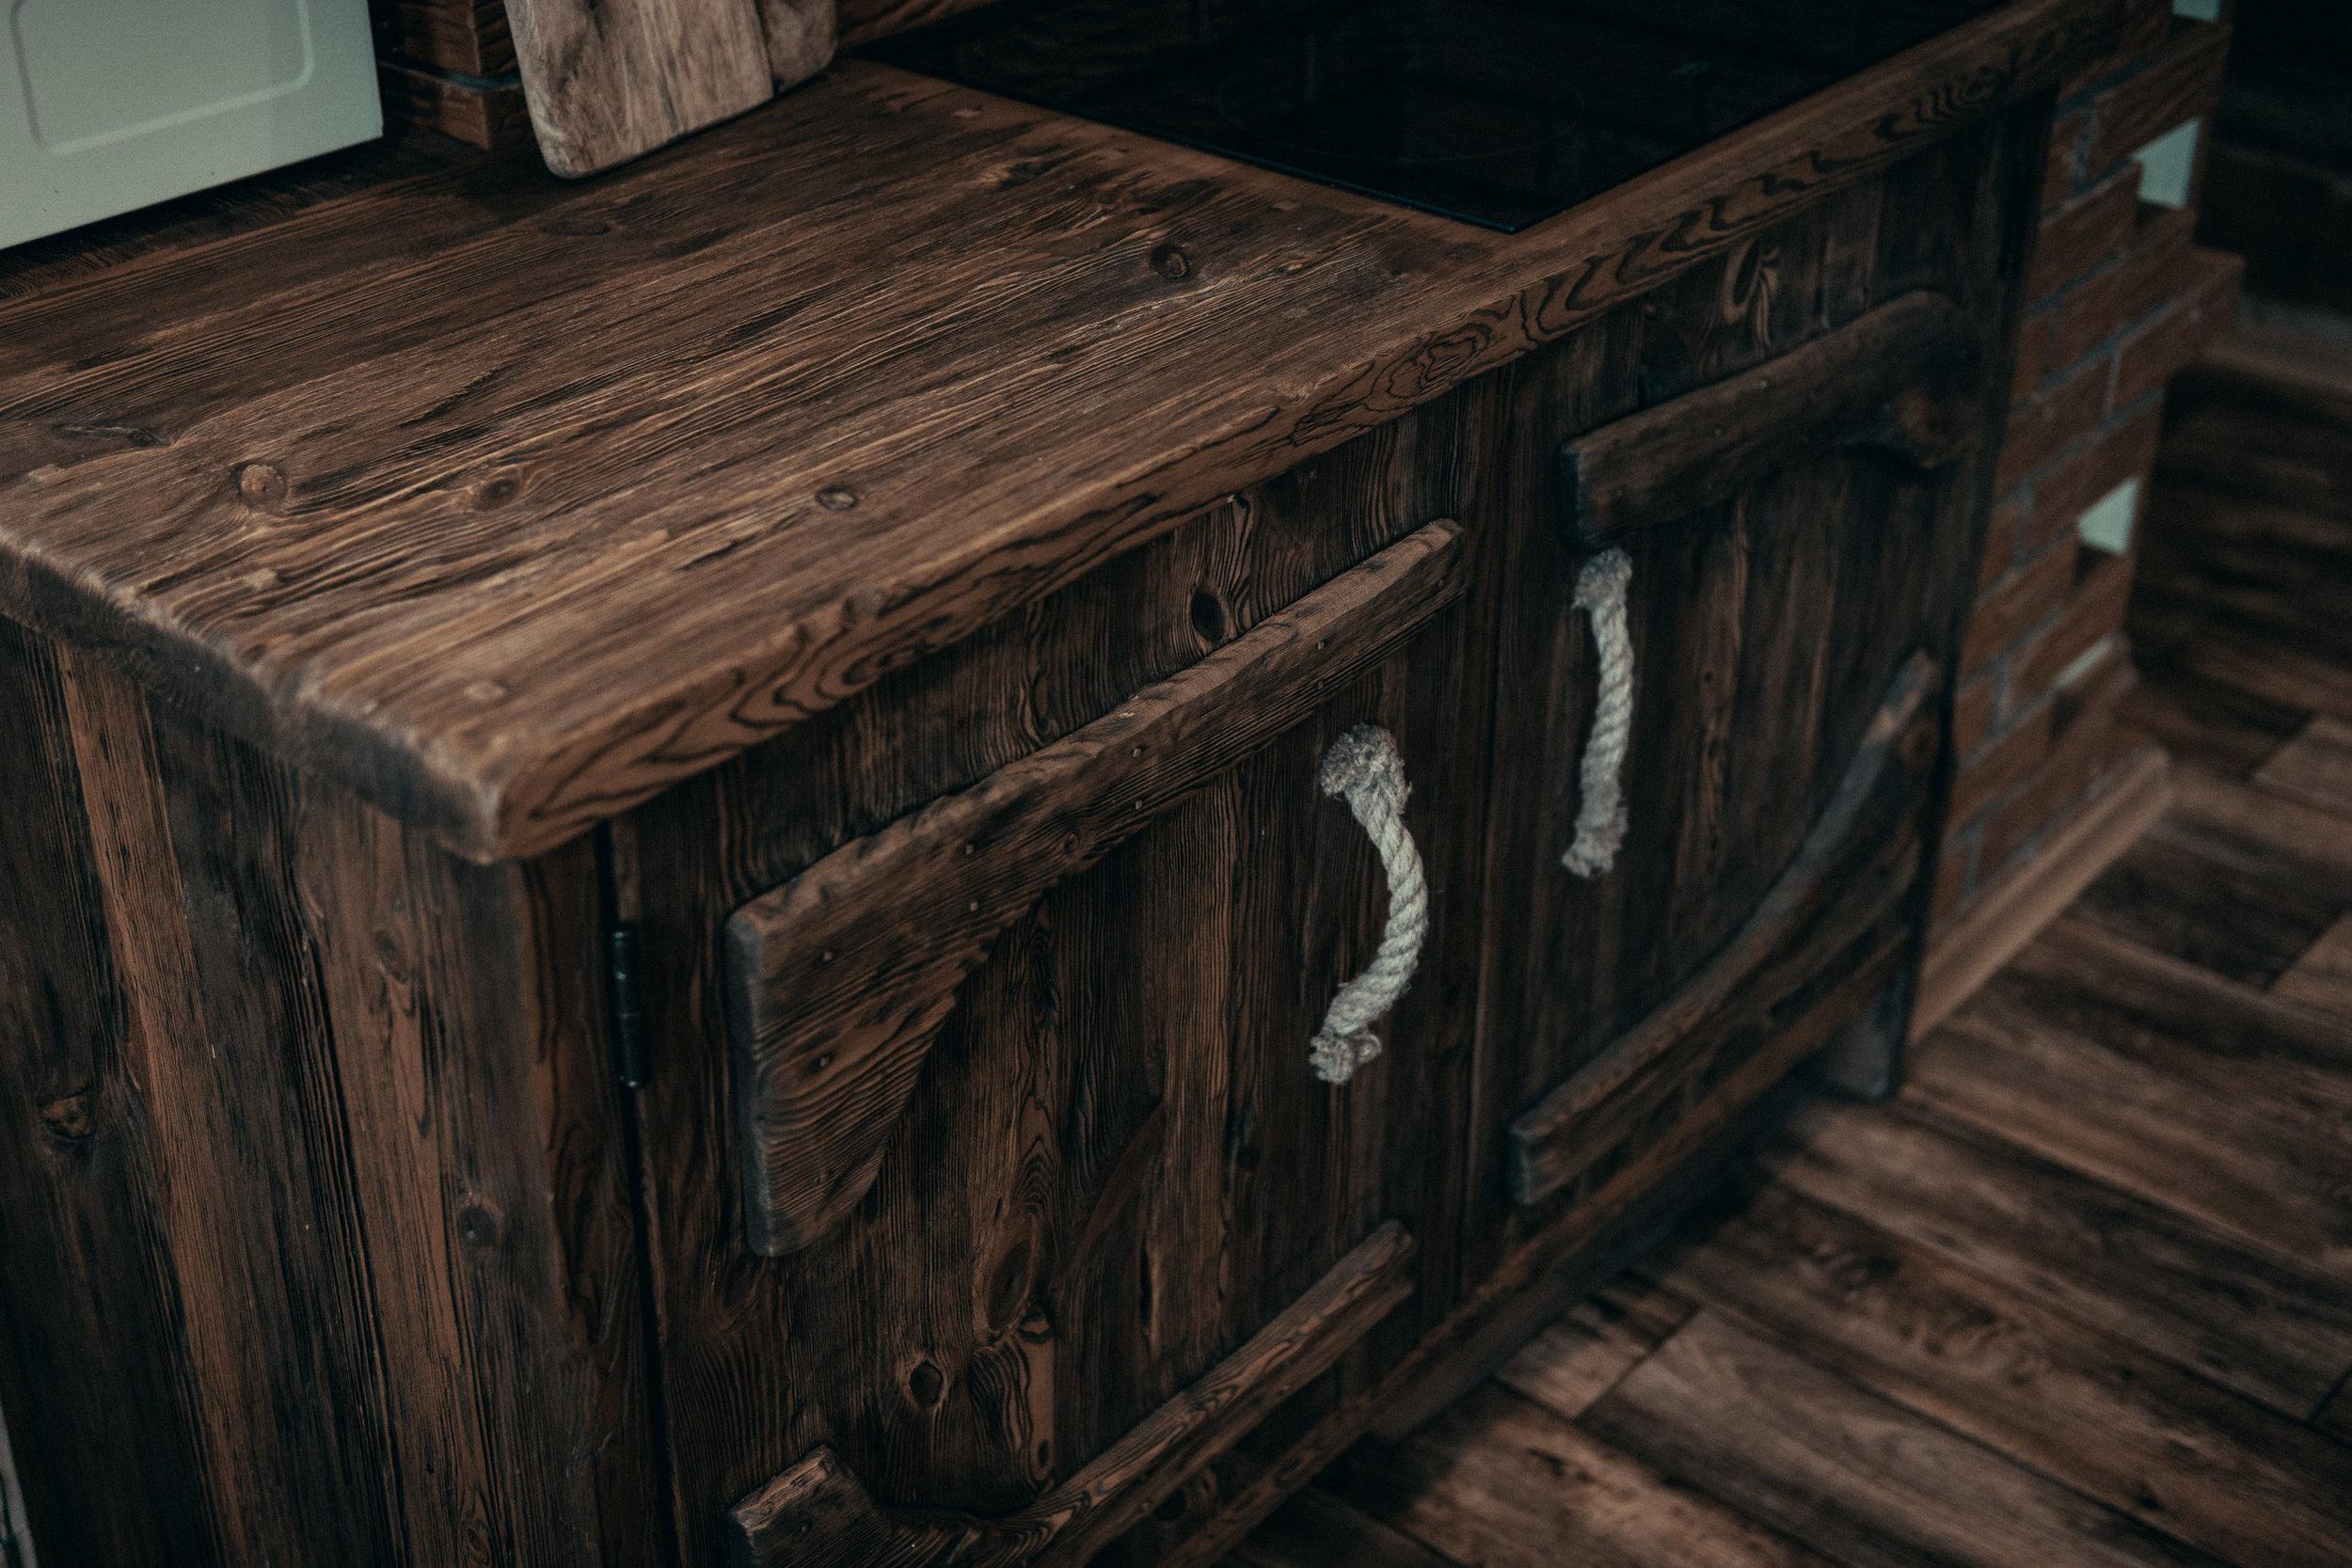 RWood-kapp-köögimööbel-handmade-wood-furniture-vanutatud-vana-puit.jpg